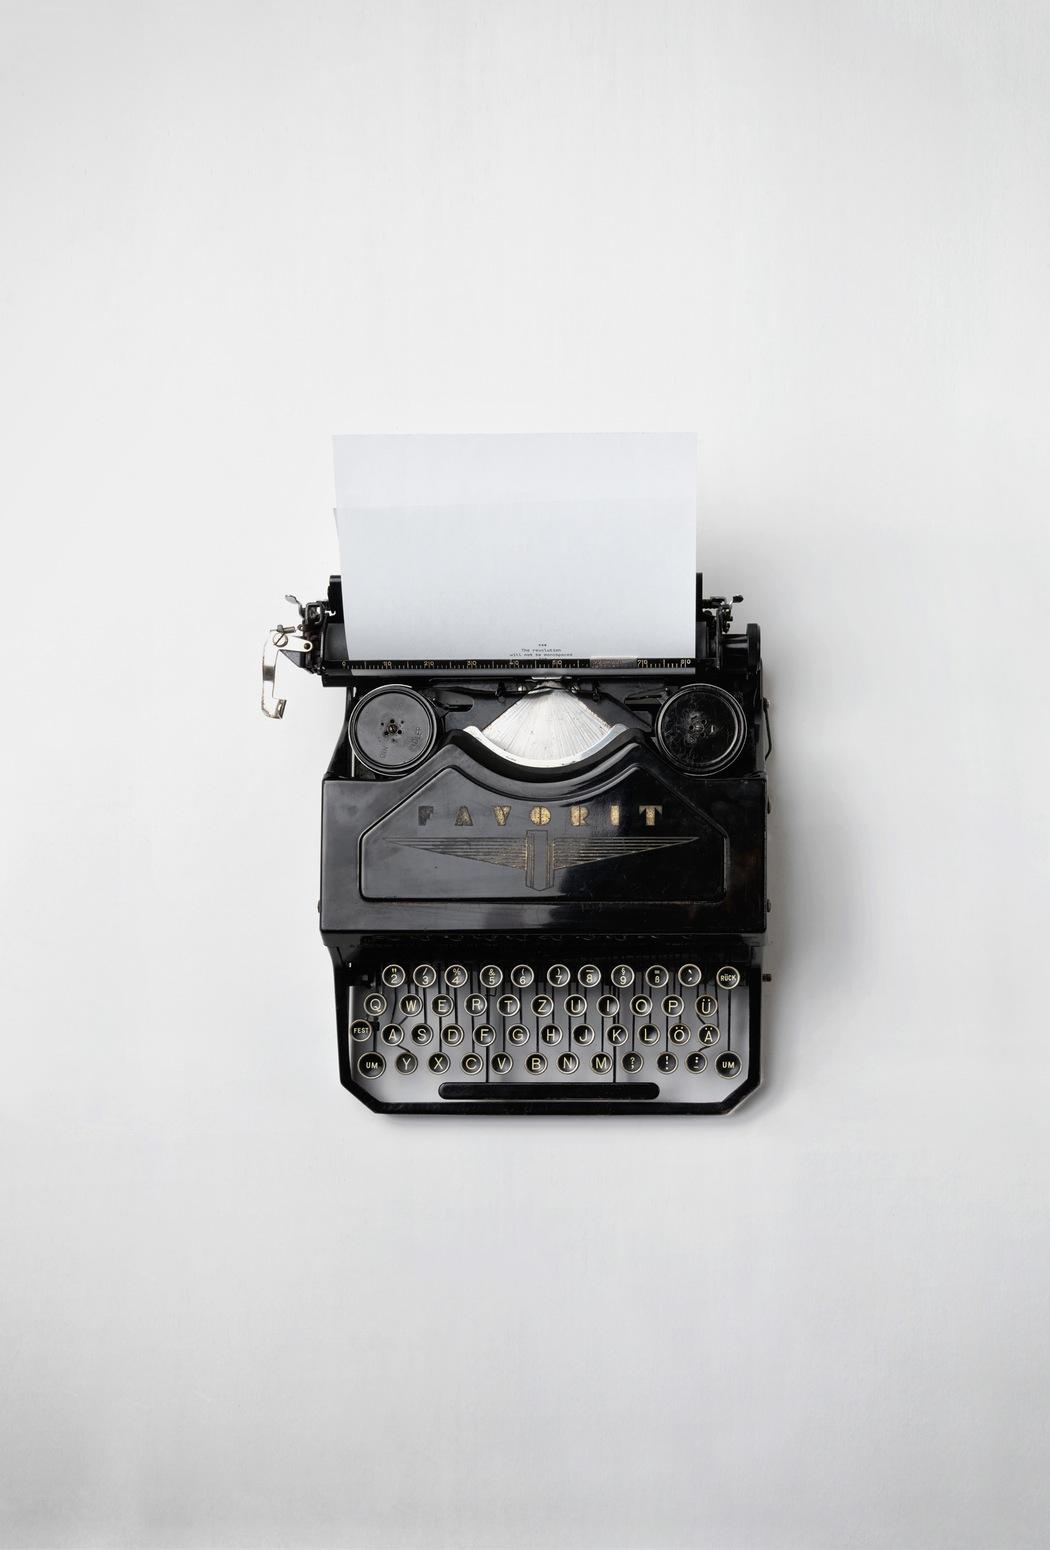 Redakcyjne praktyki w content marketingu